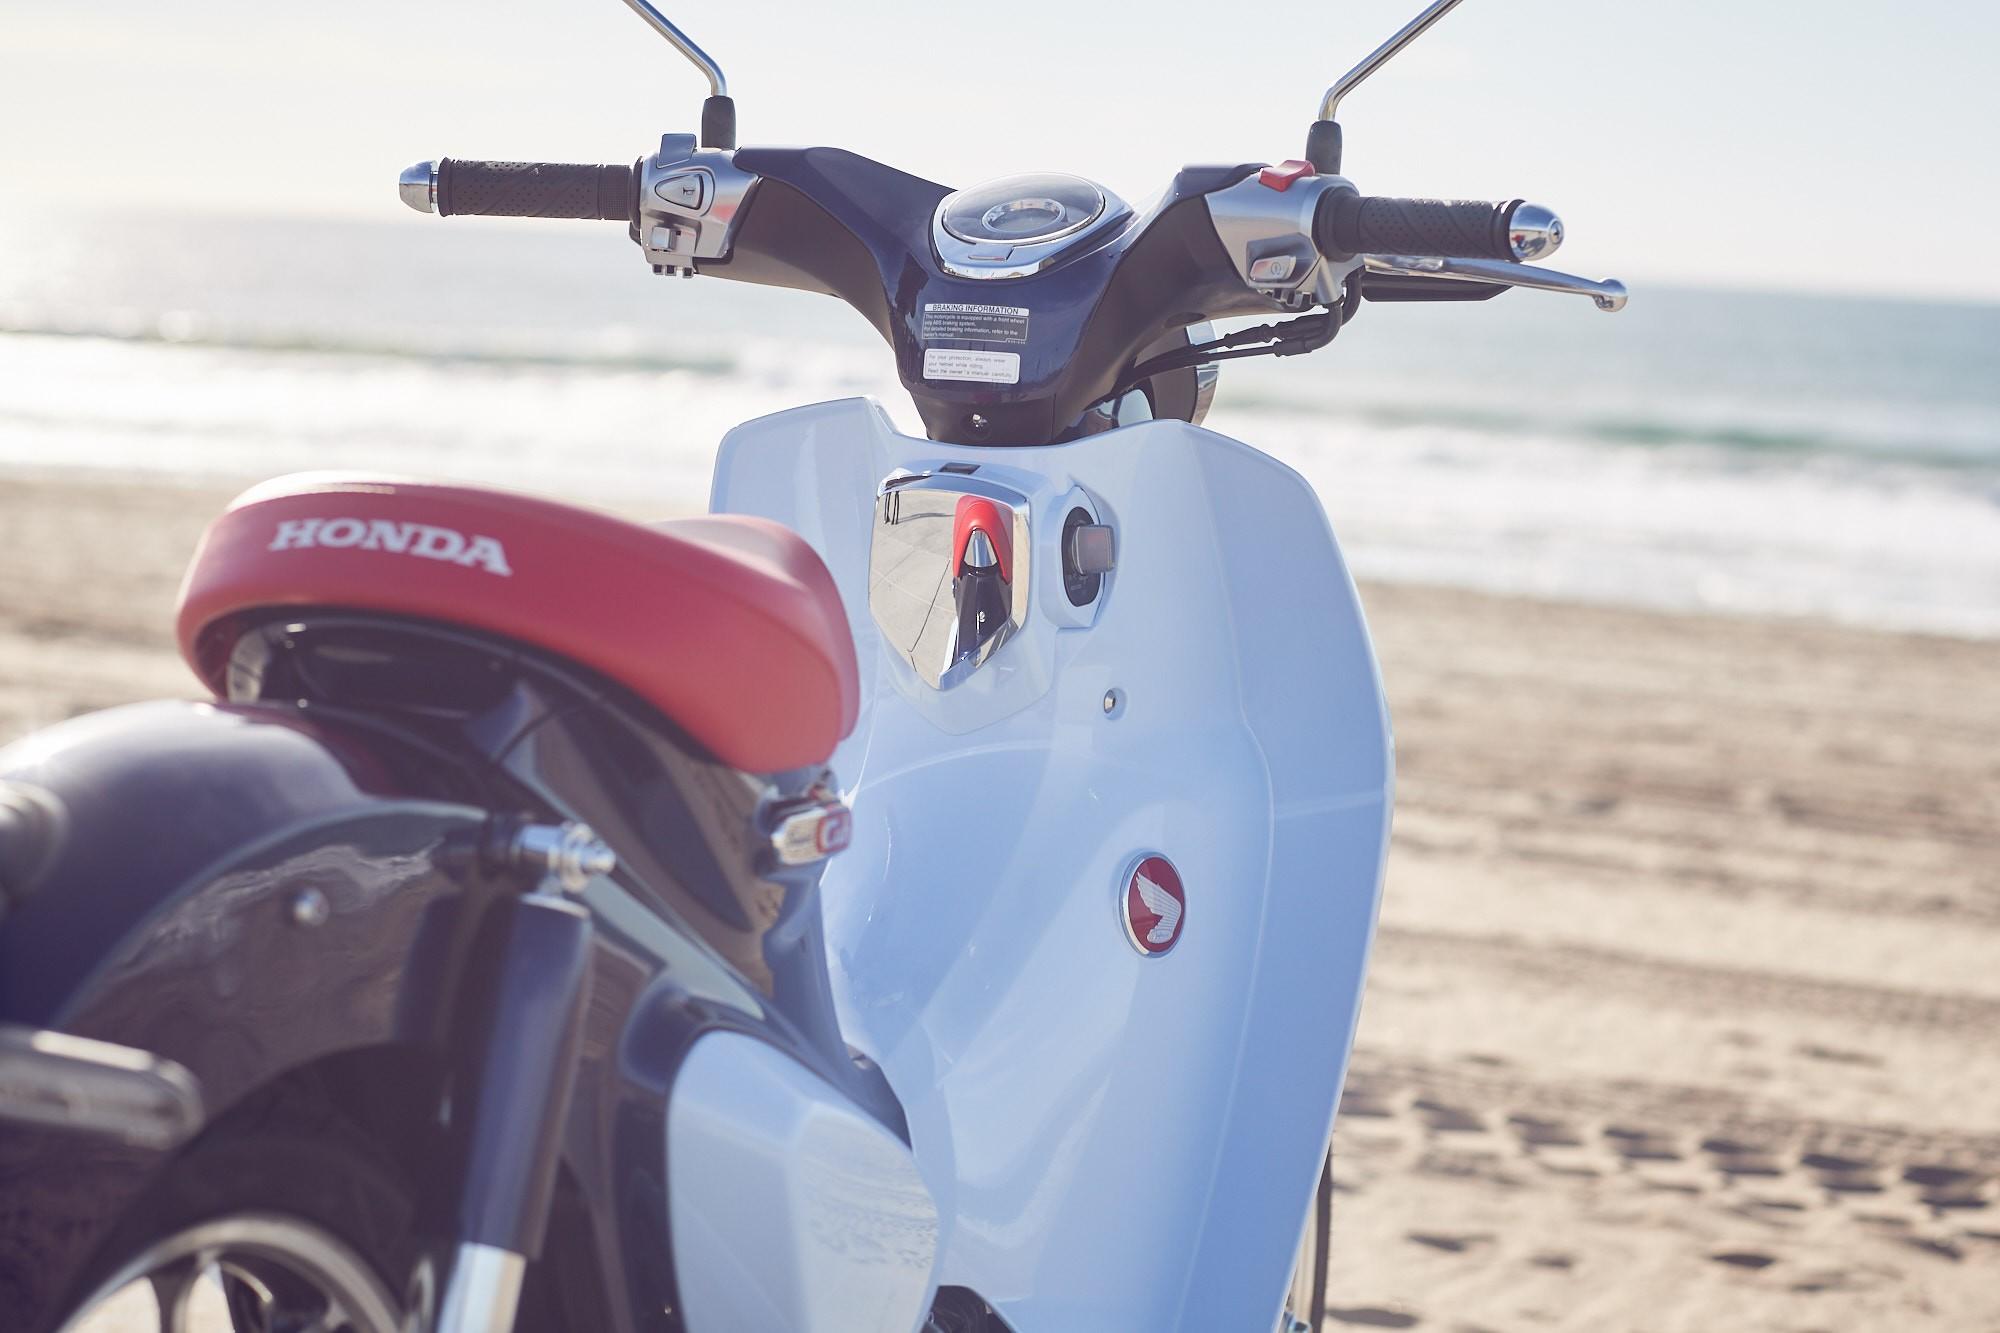 2019 Honda Super Cub first ride review - RevZilla